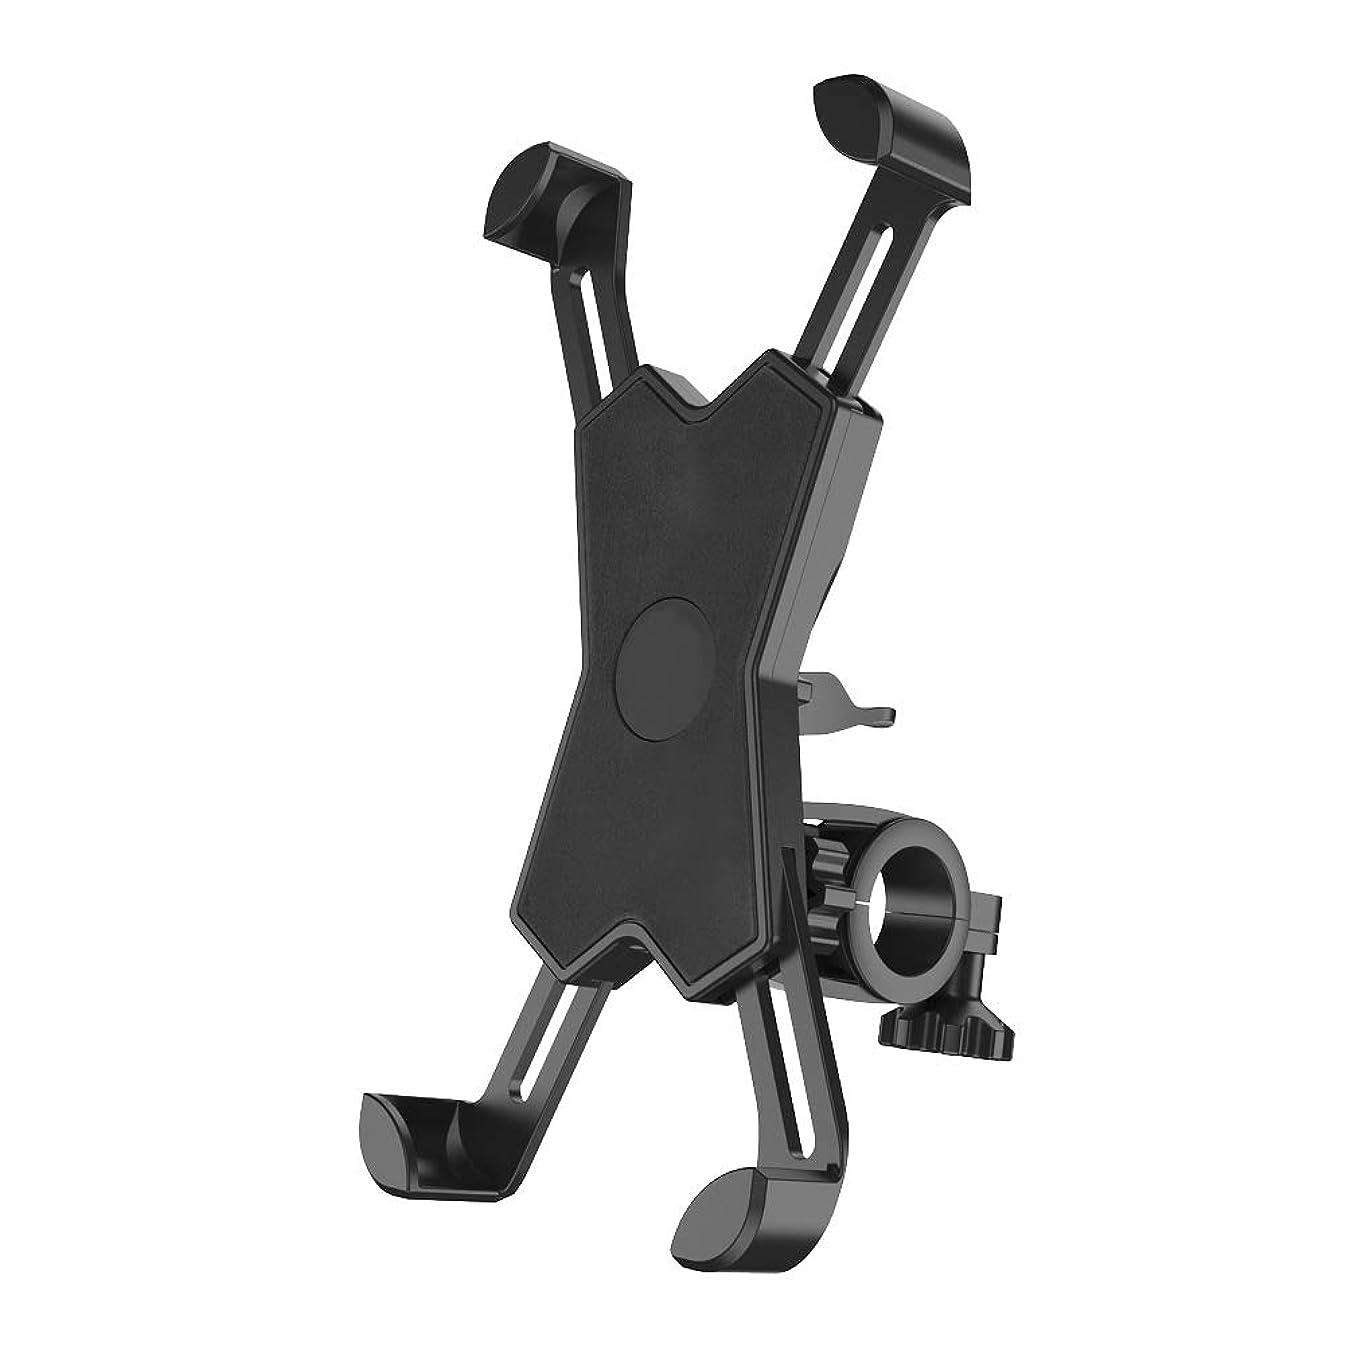 浸漬楽なフェミニン自転車ホルダー X型 バイク スマホホルダー スマホスタンド iphone android 携帯ホルダー ロードバイク マウンテンバイク アクセサリー 地図 ナビ 固定 360度回転 ナビスタンド